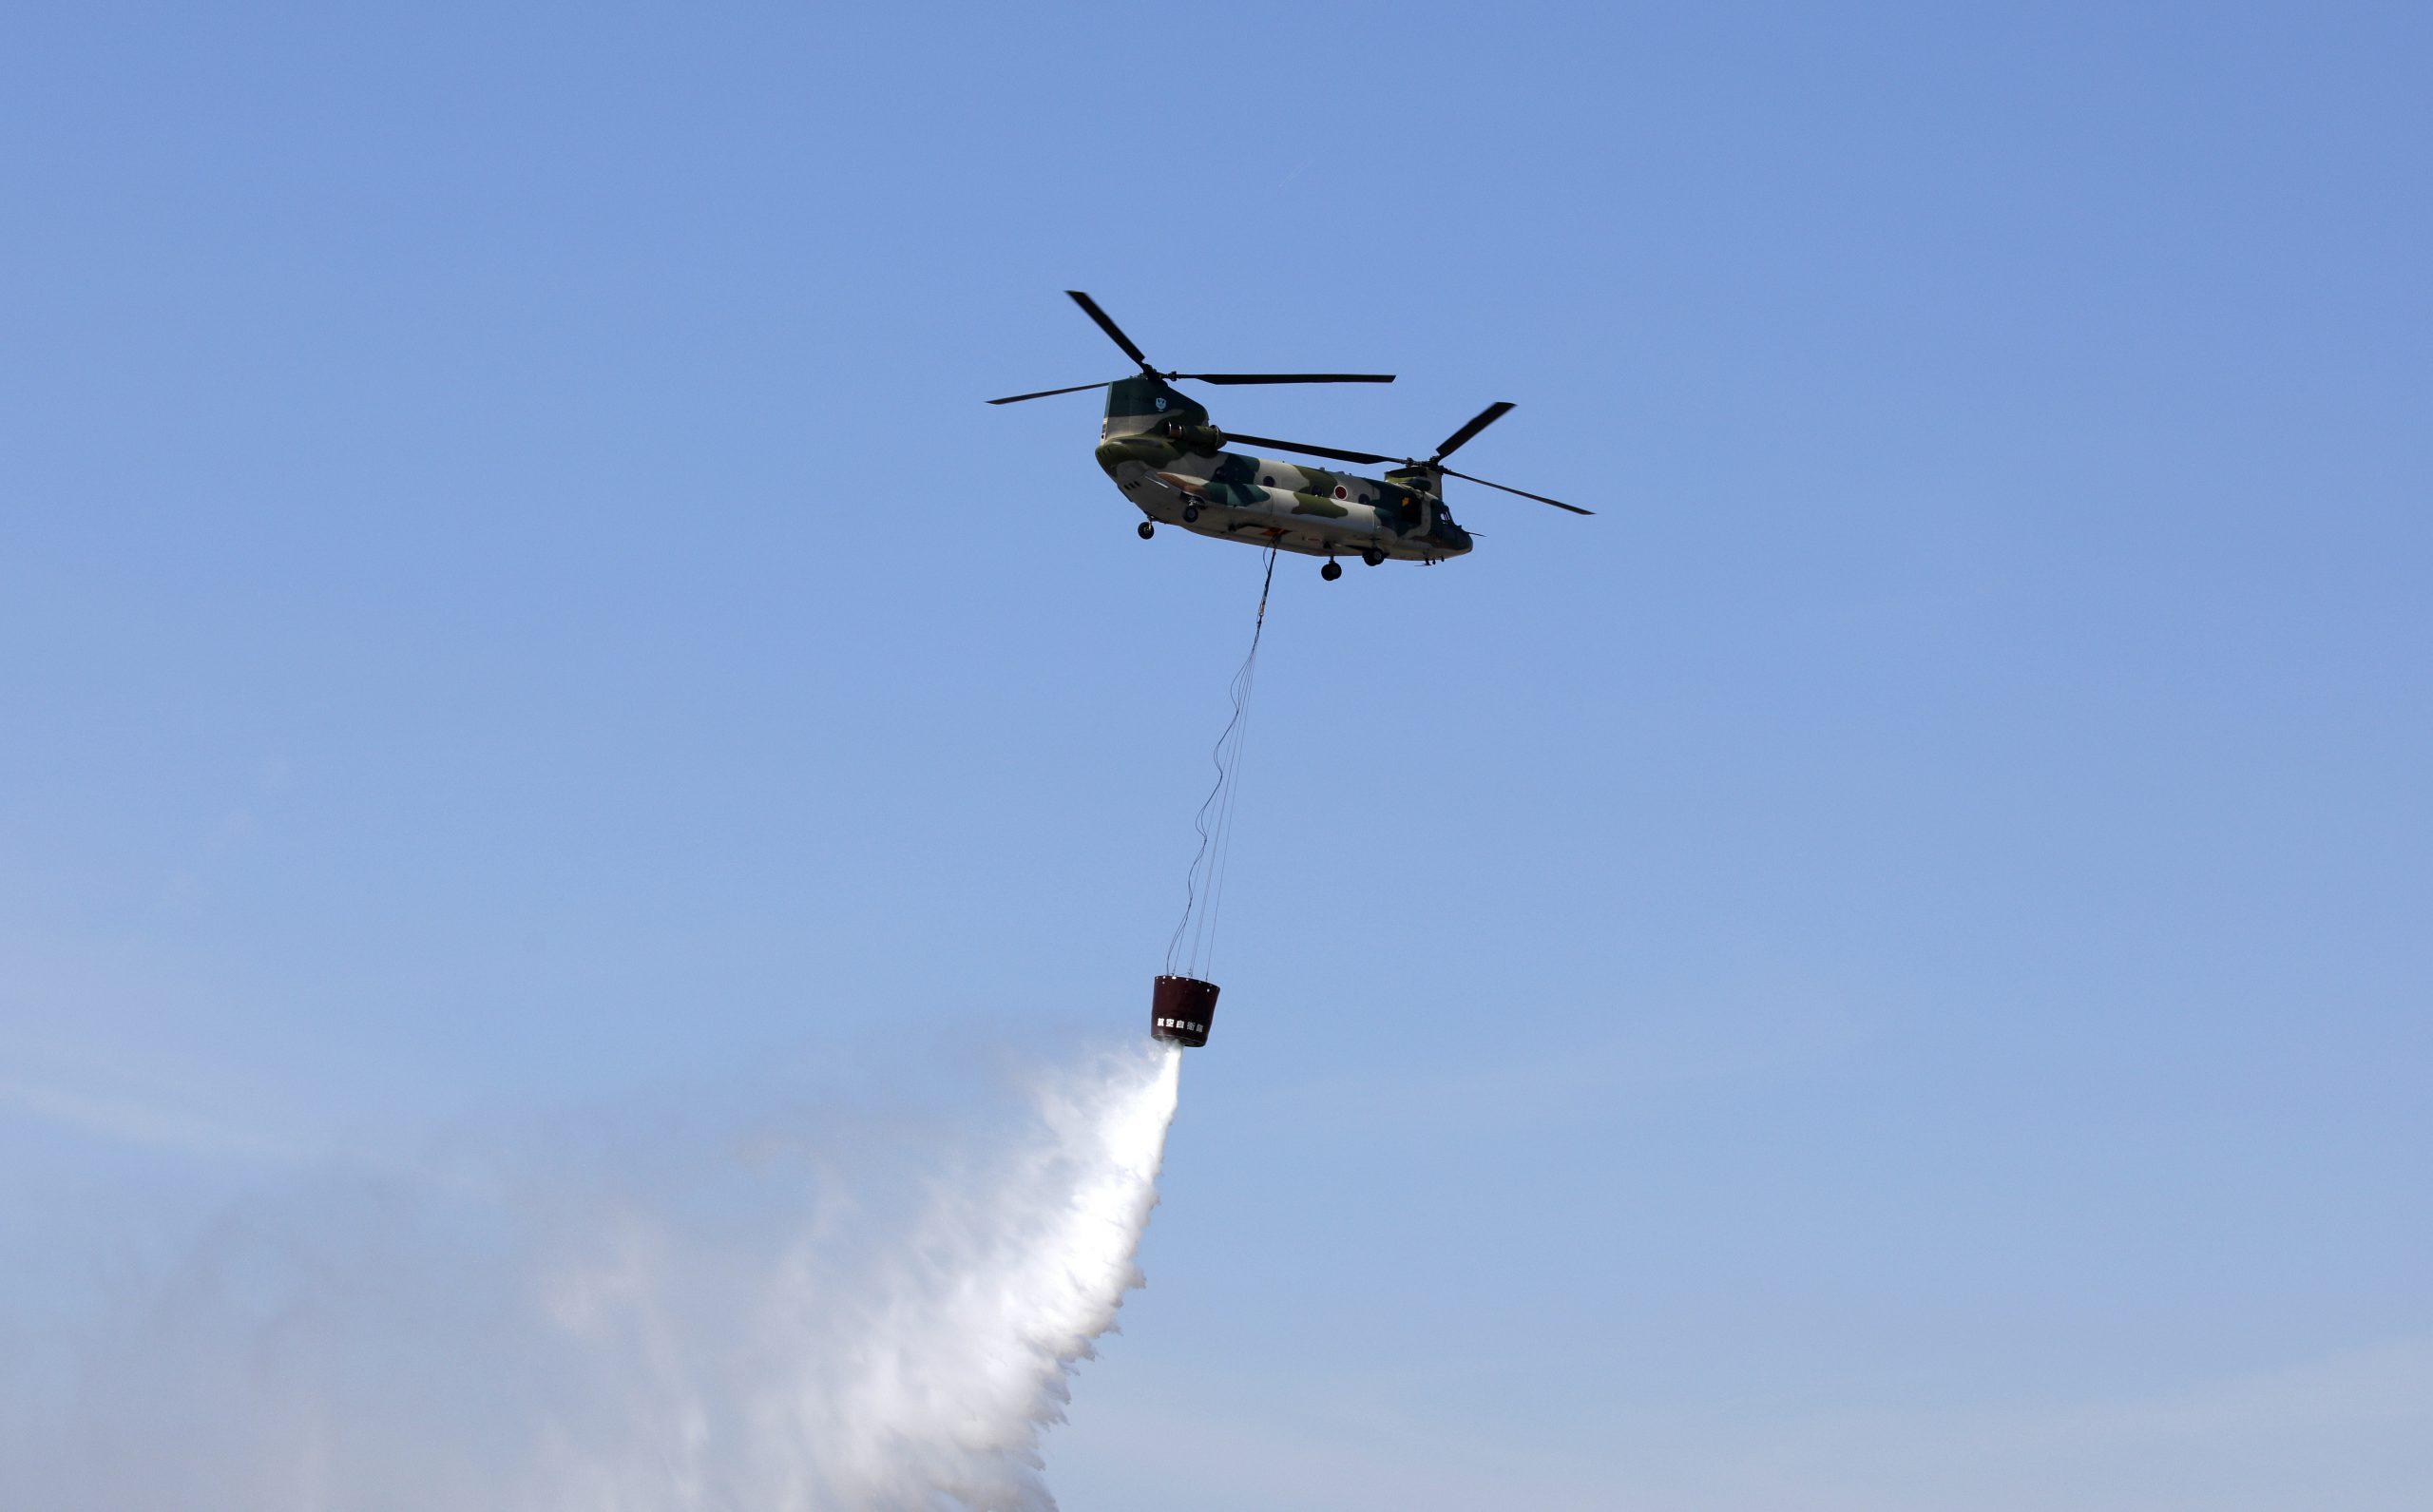 「緊急用務空域」での無関係のドローン飛行が禁止に!